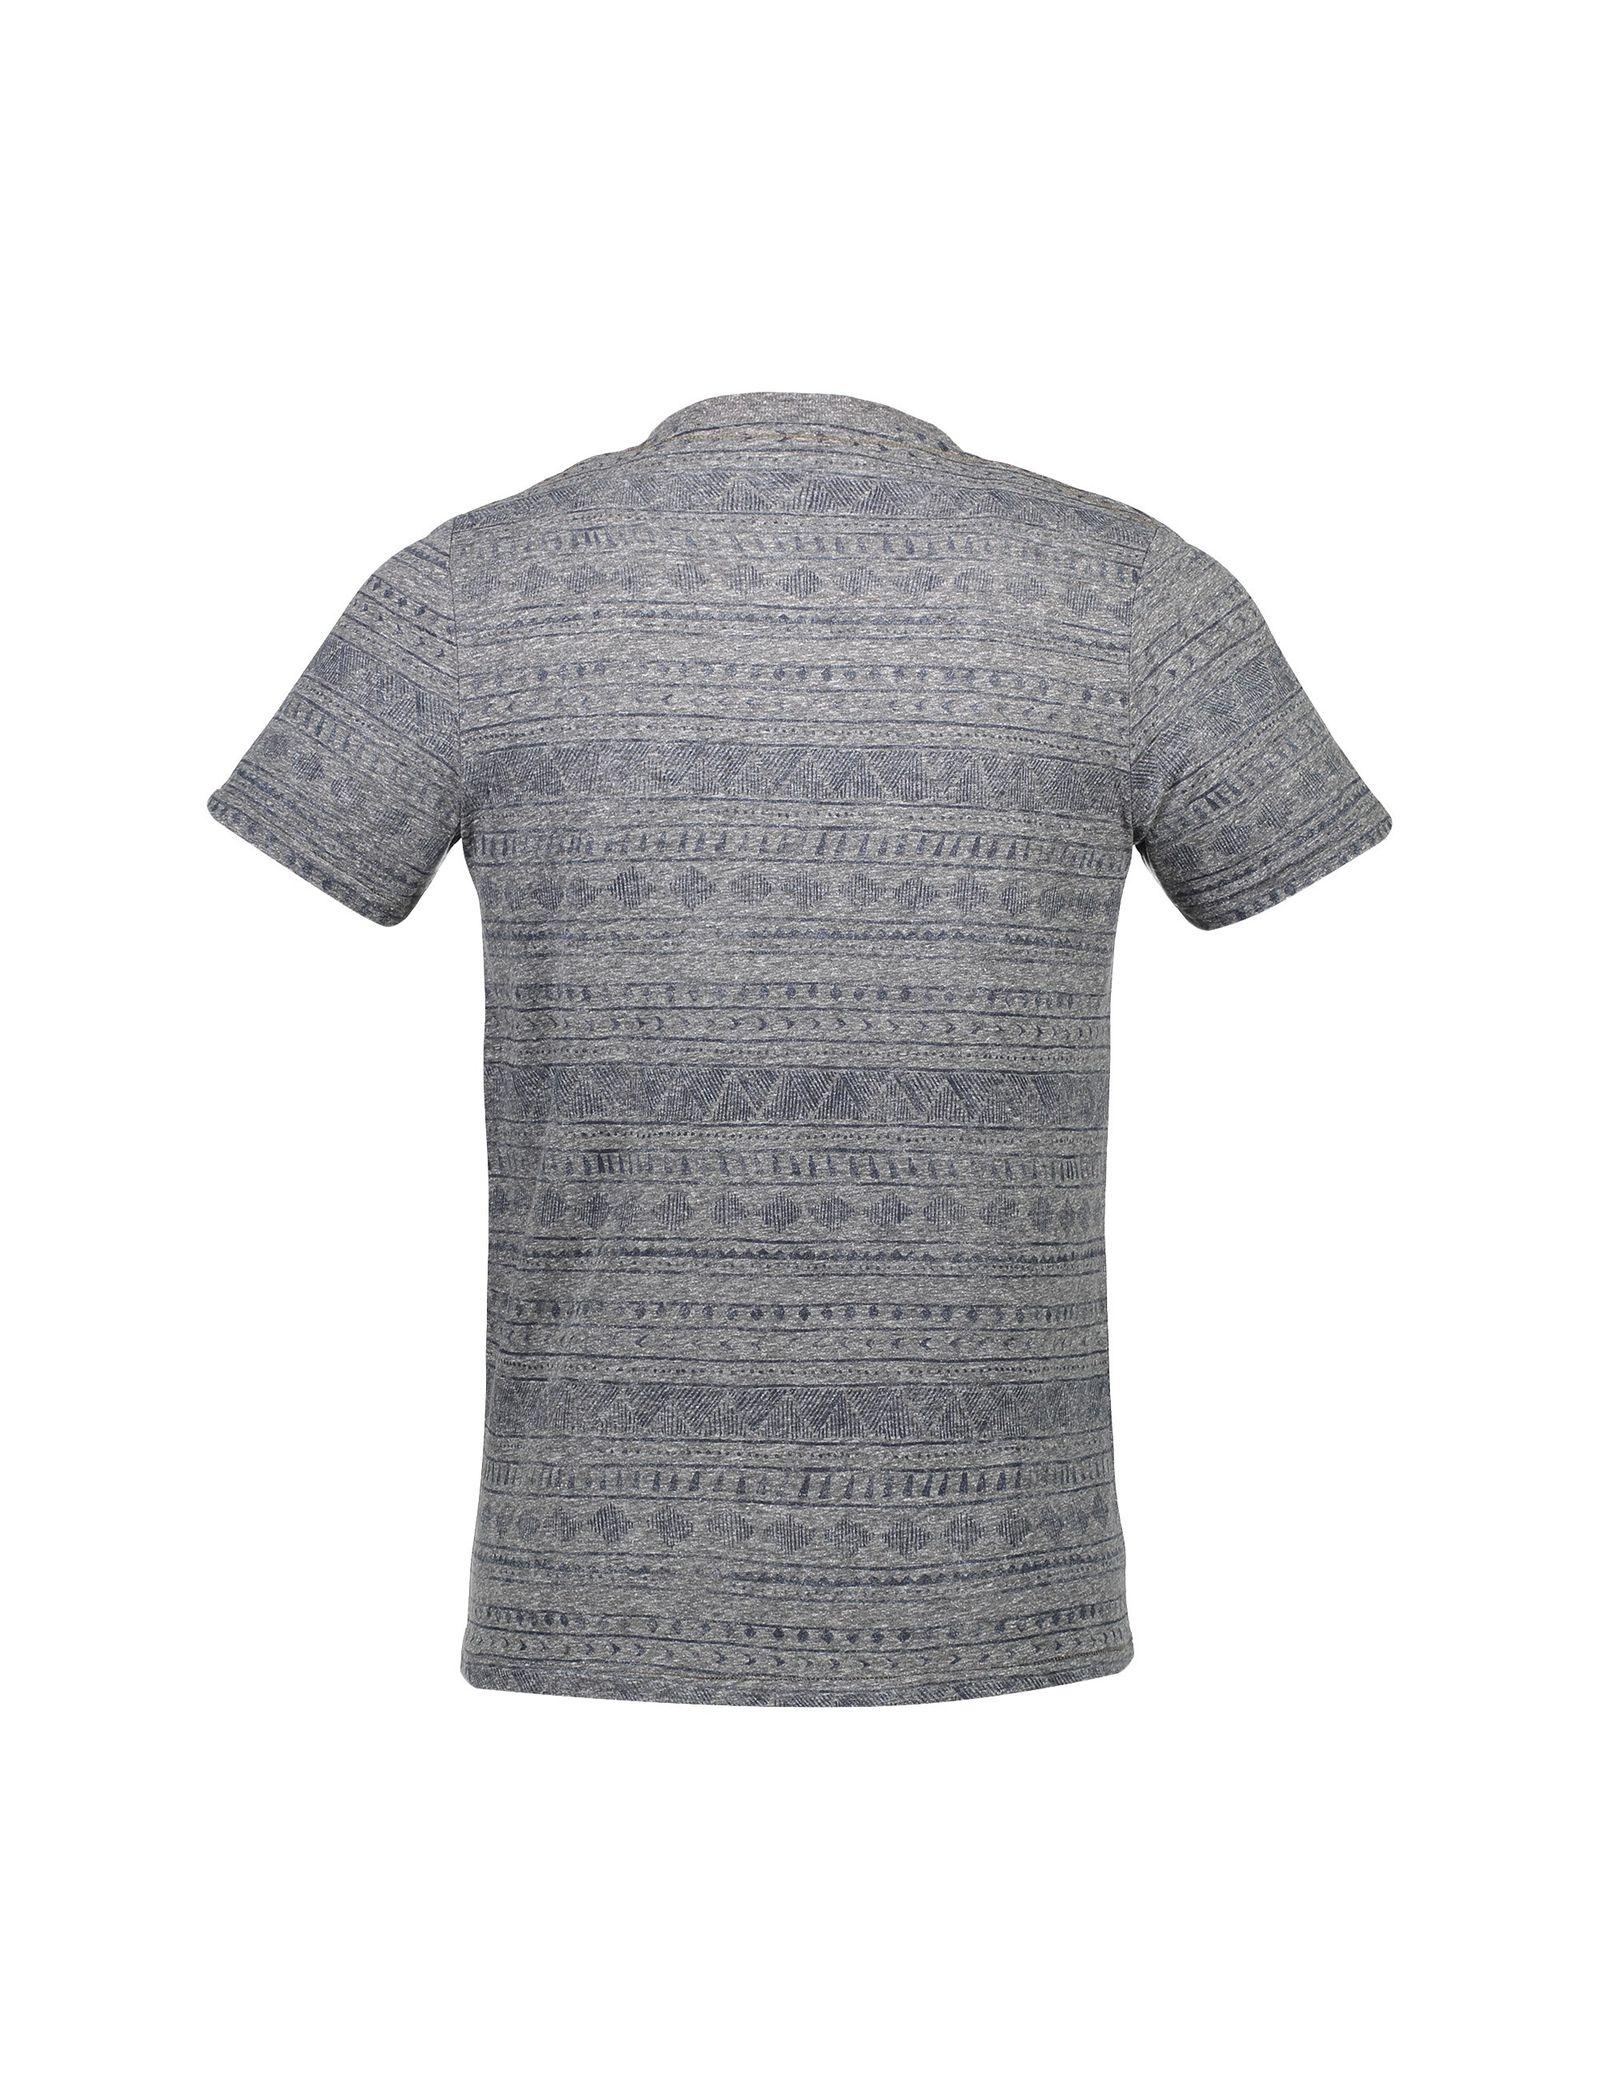 تی شرت نخی یقه گرد مردانه - جک اند جونز - طوسي - 2